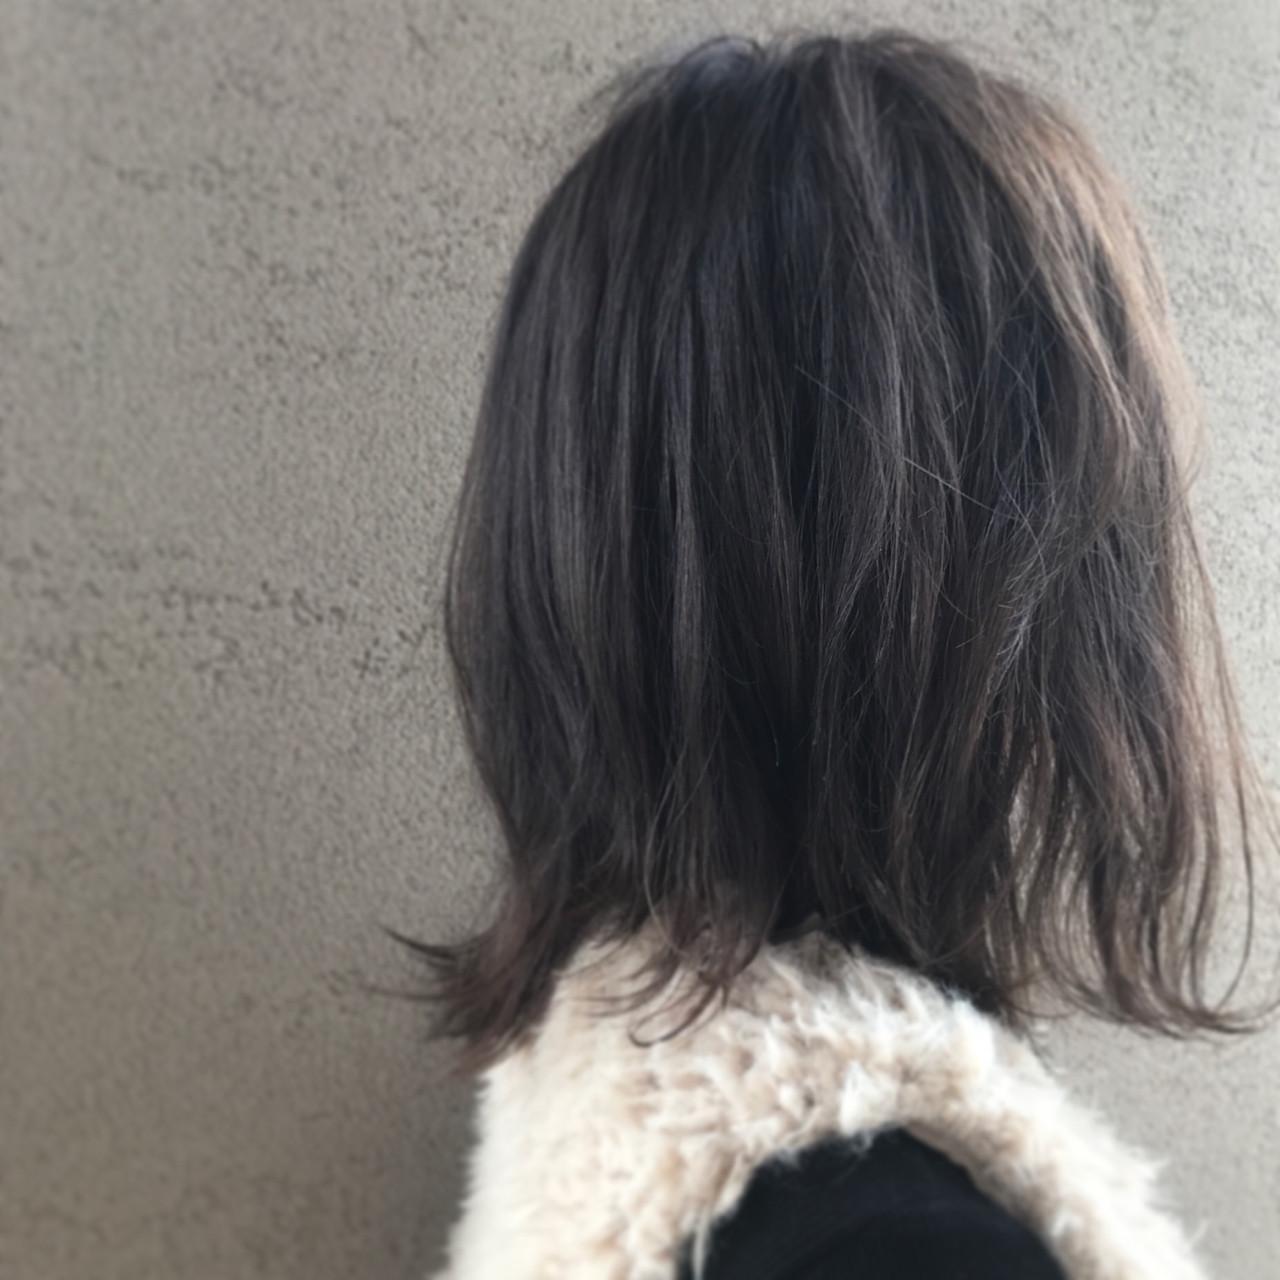 アンニュイ ボブ モード 透明感 ヘアスタイルや髪型の写真・画像